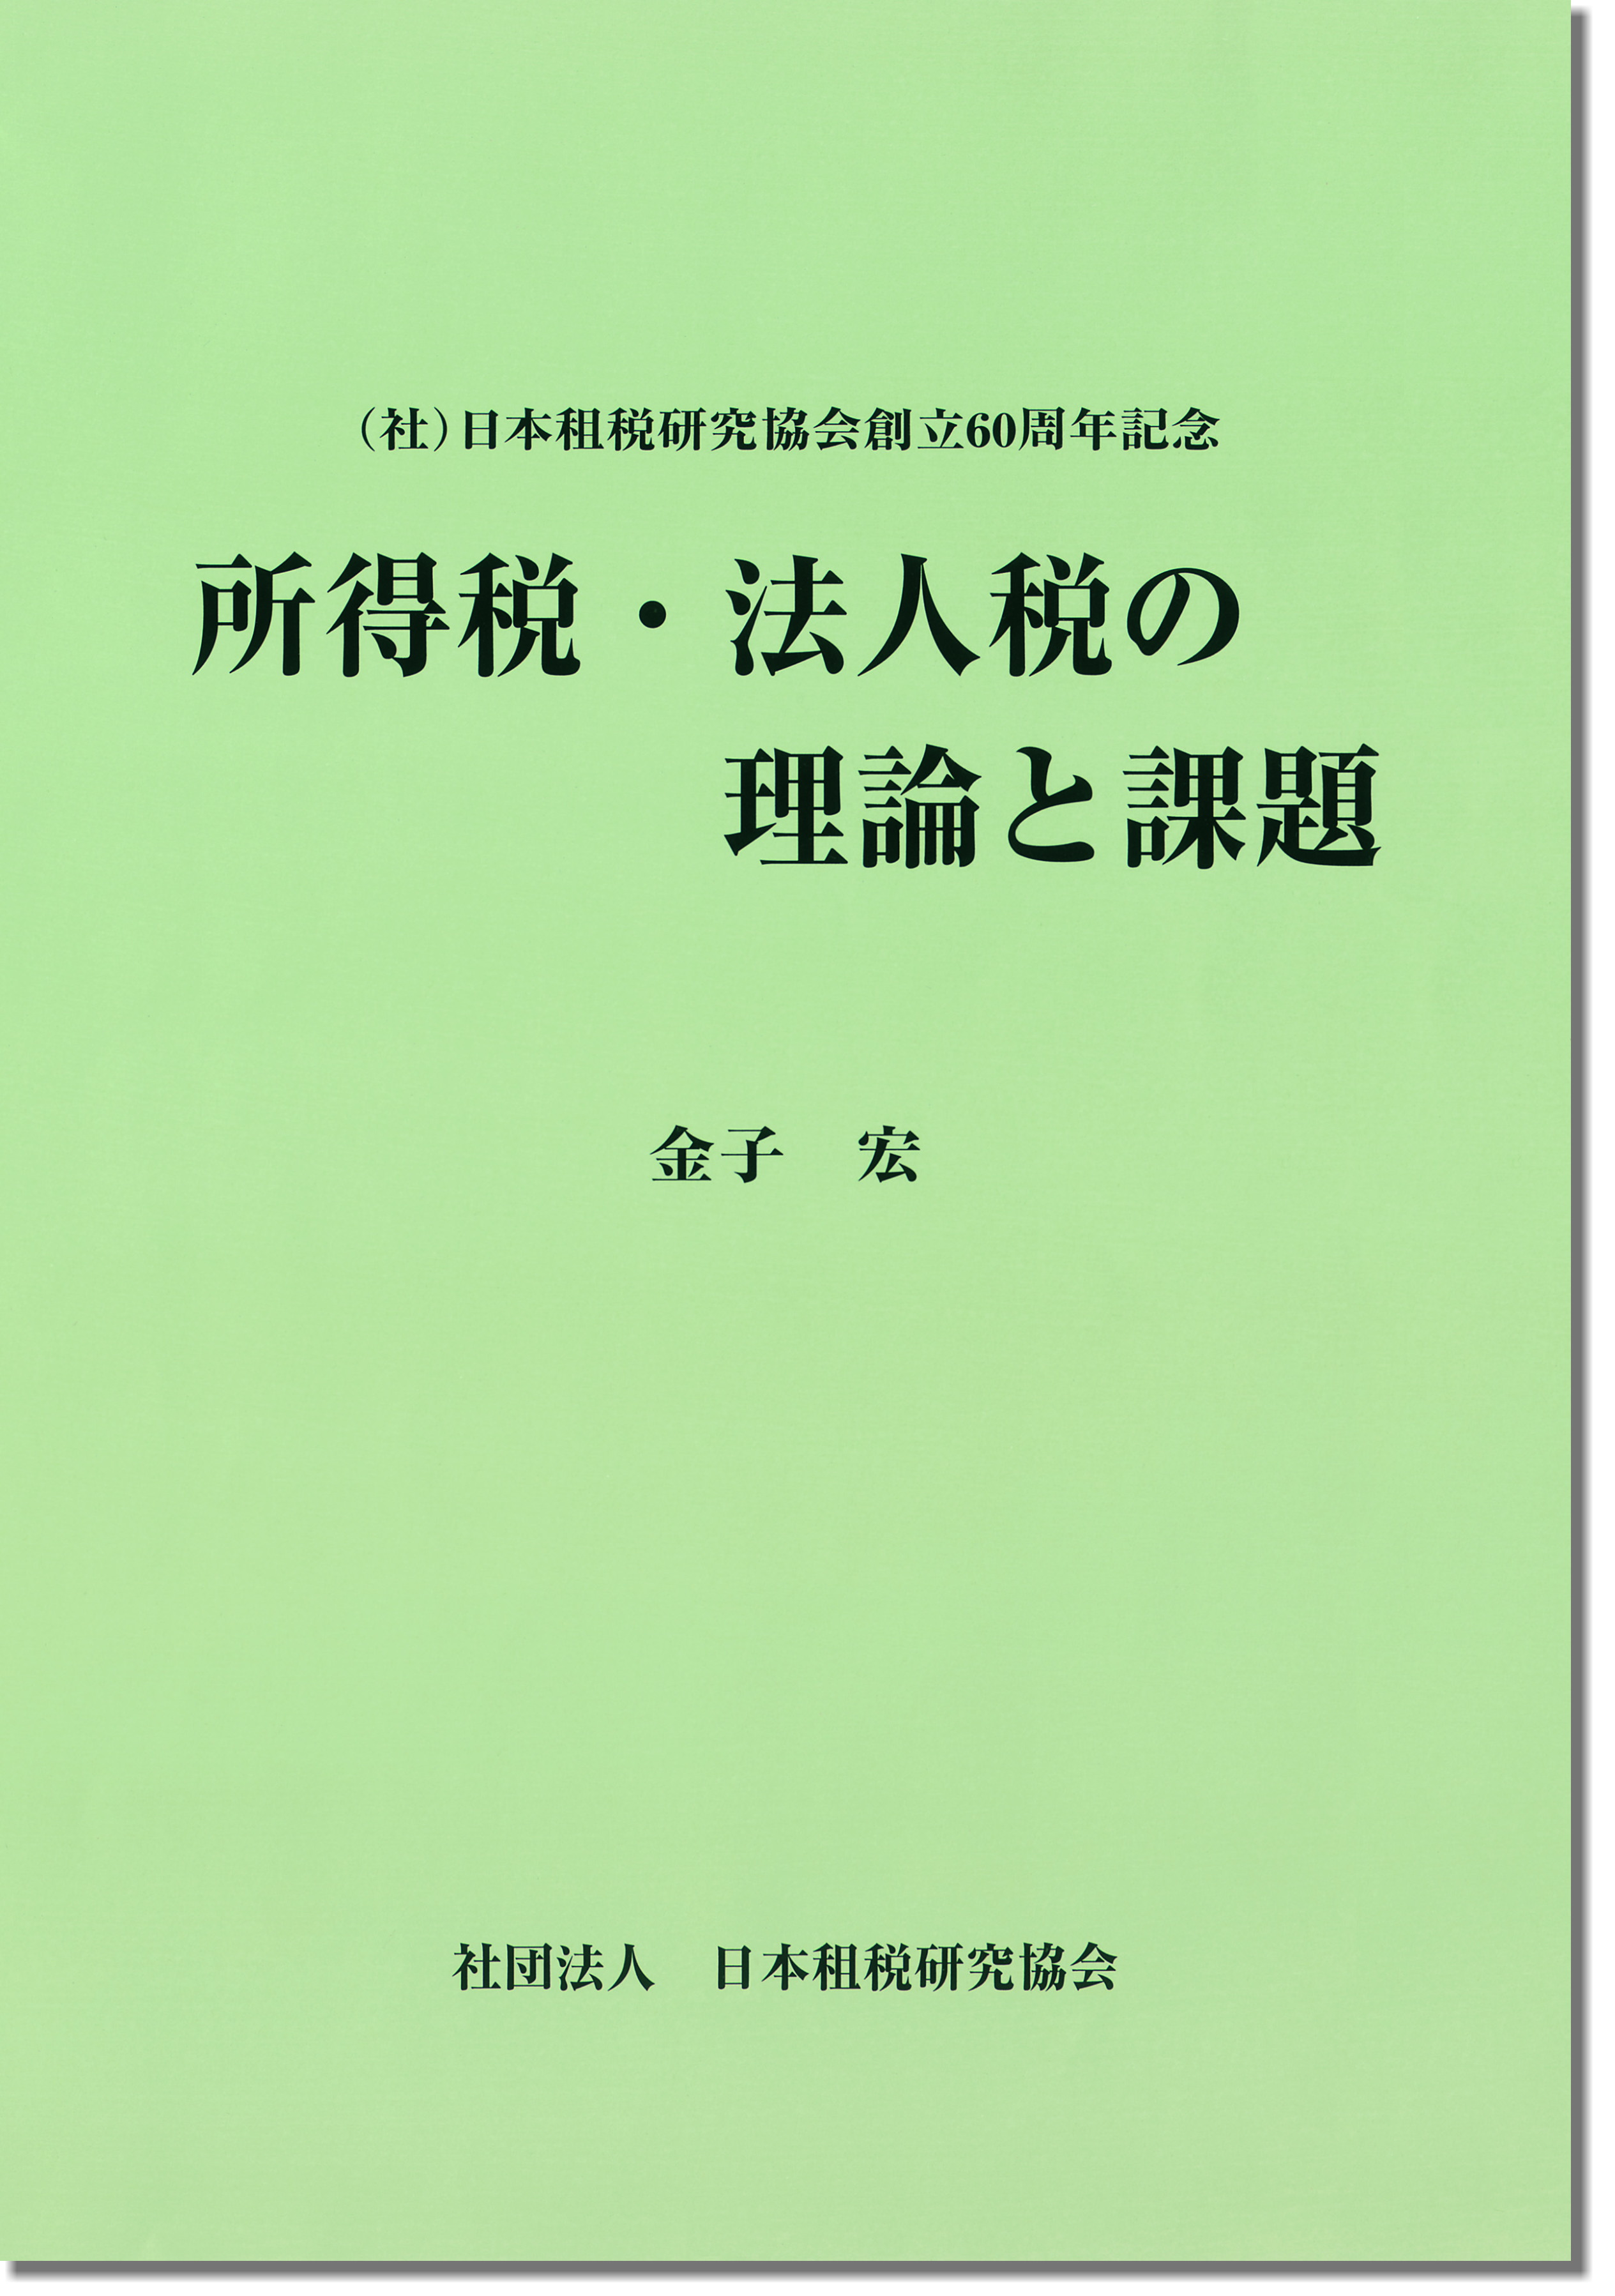 (公社)日本租税研究協会創立60周年記念  所得税・法人税の理論と課題